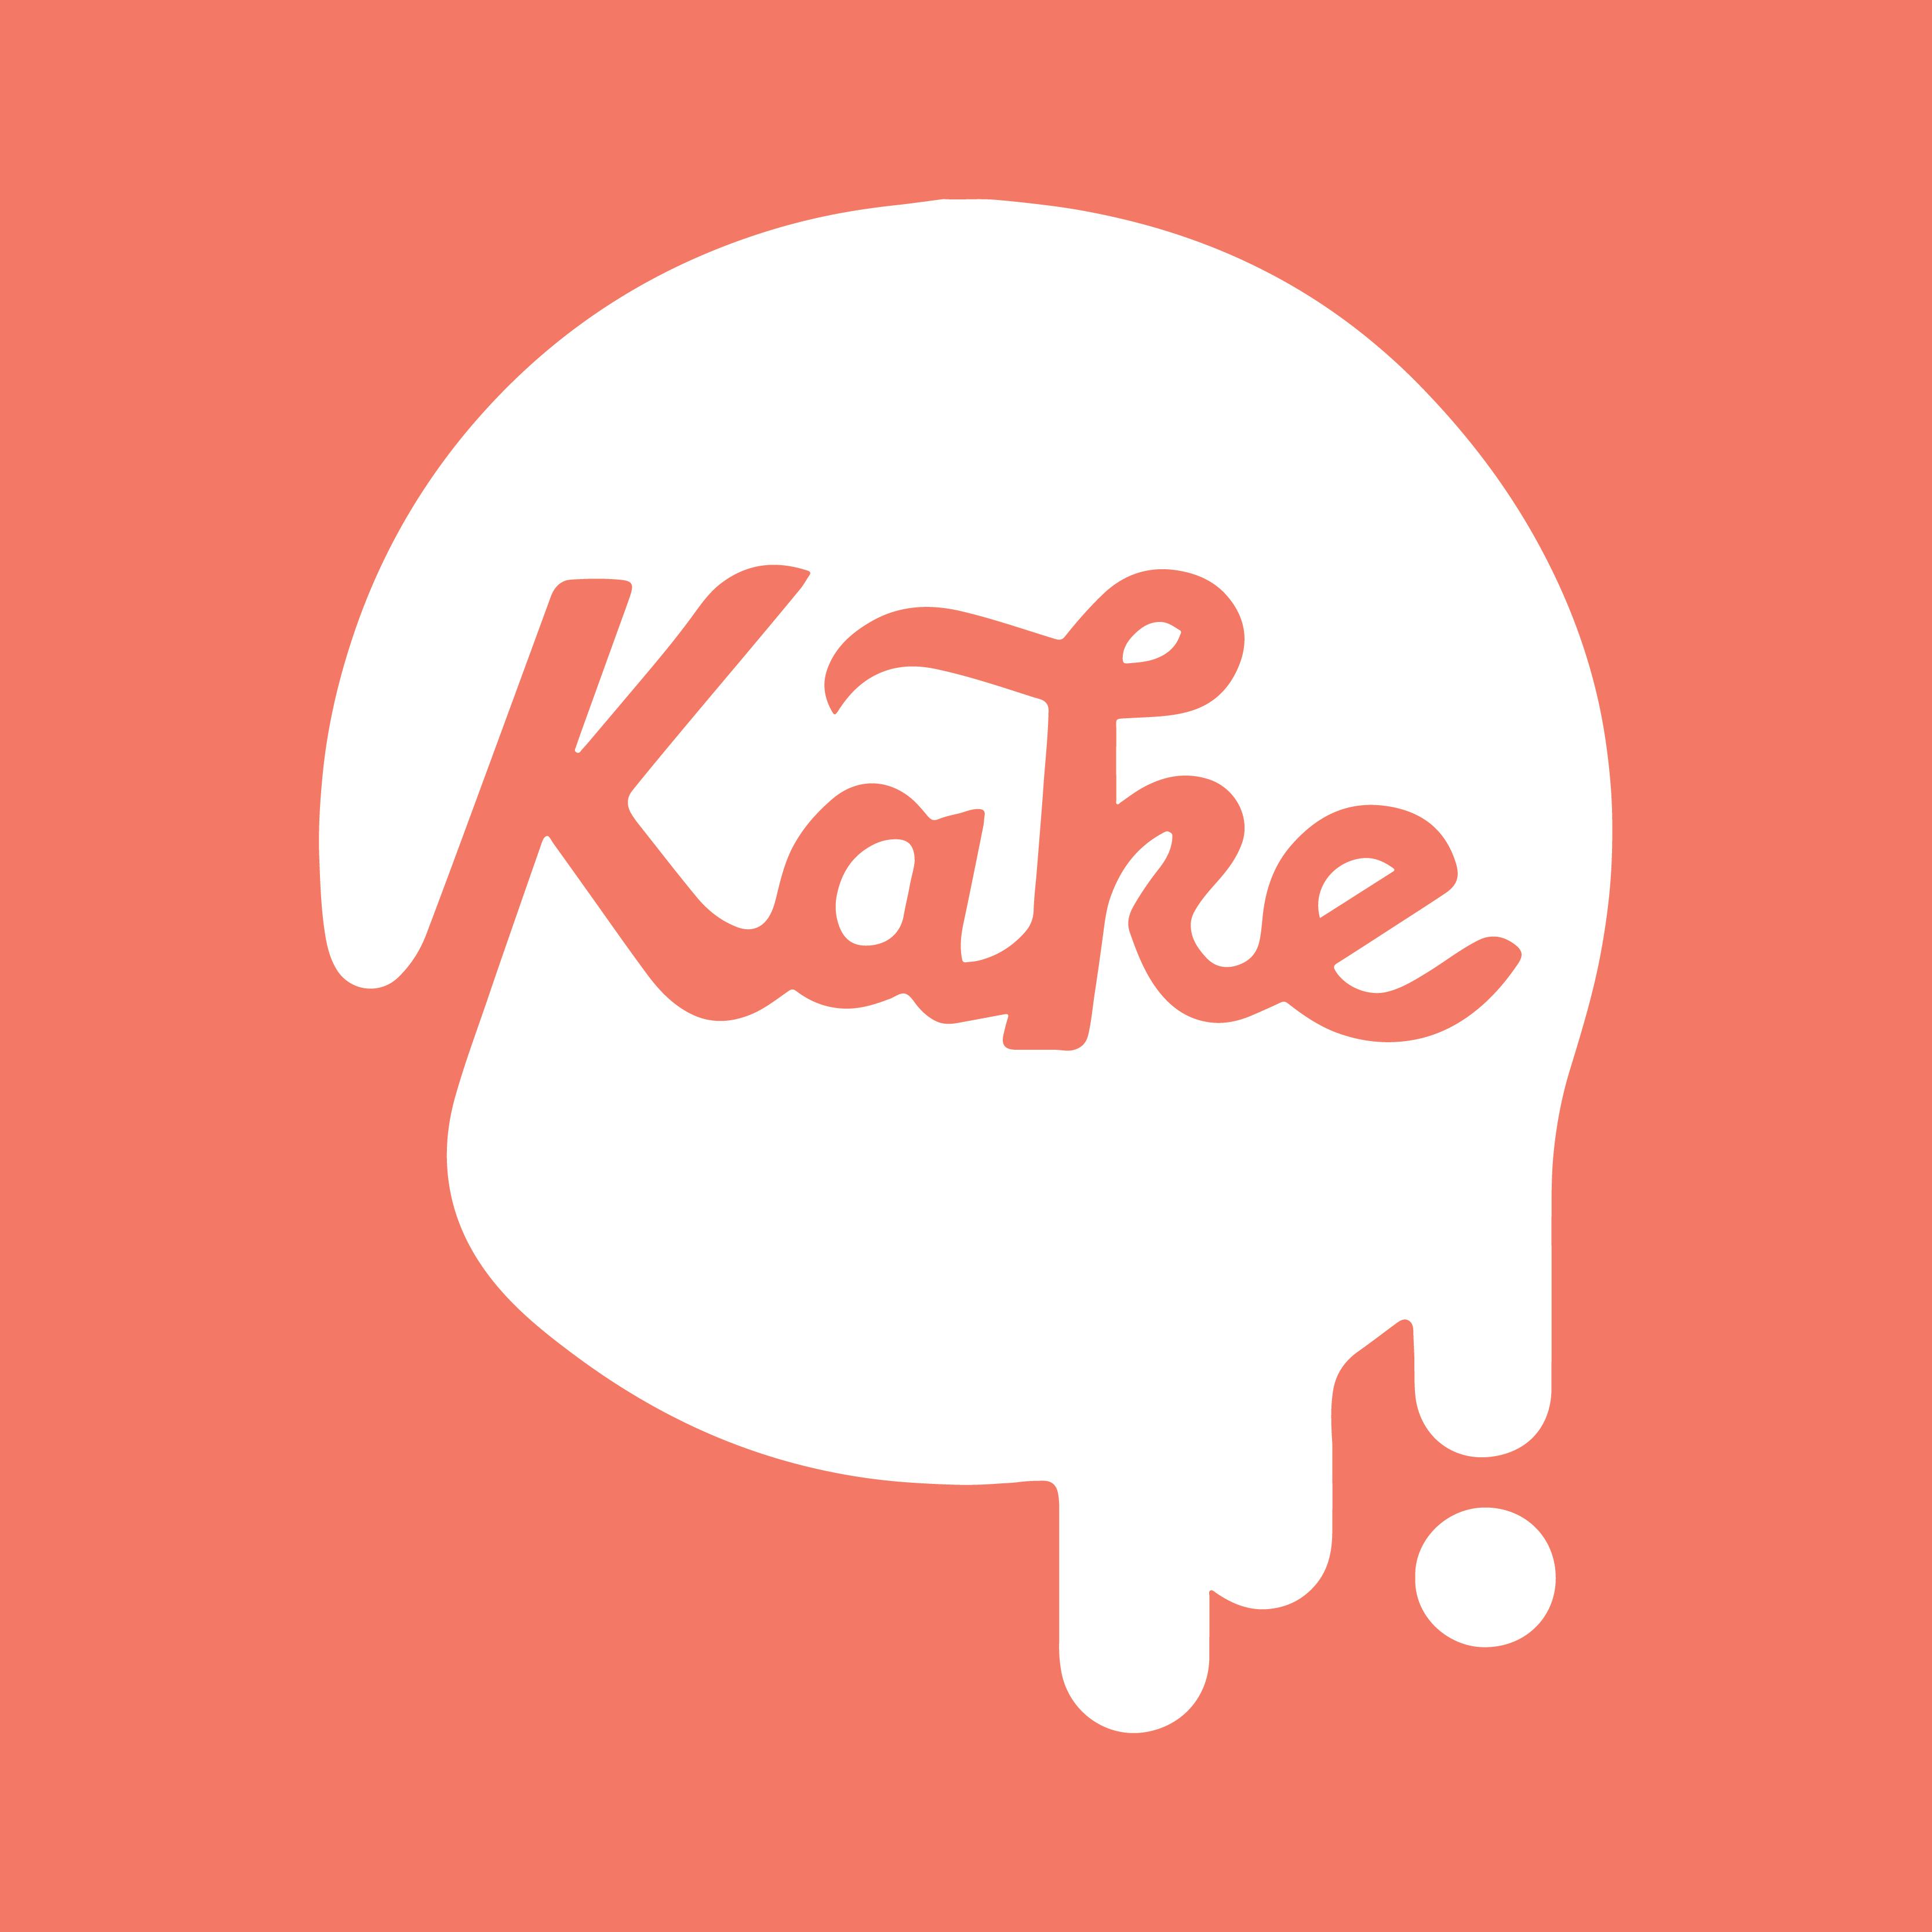 KAKE Digital marketing